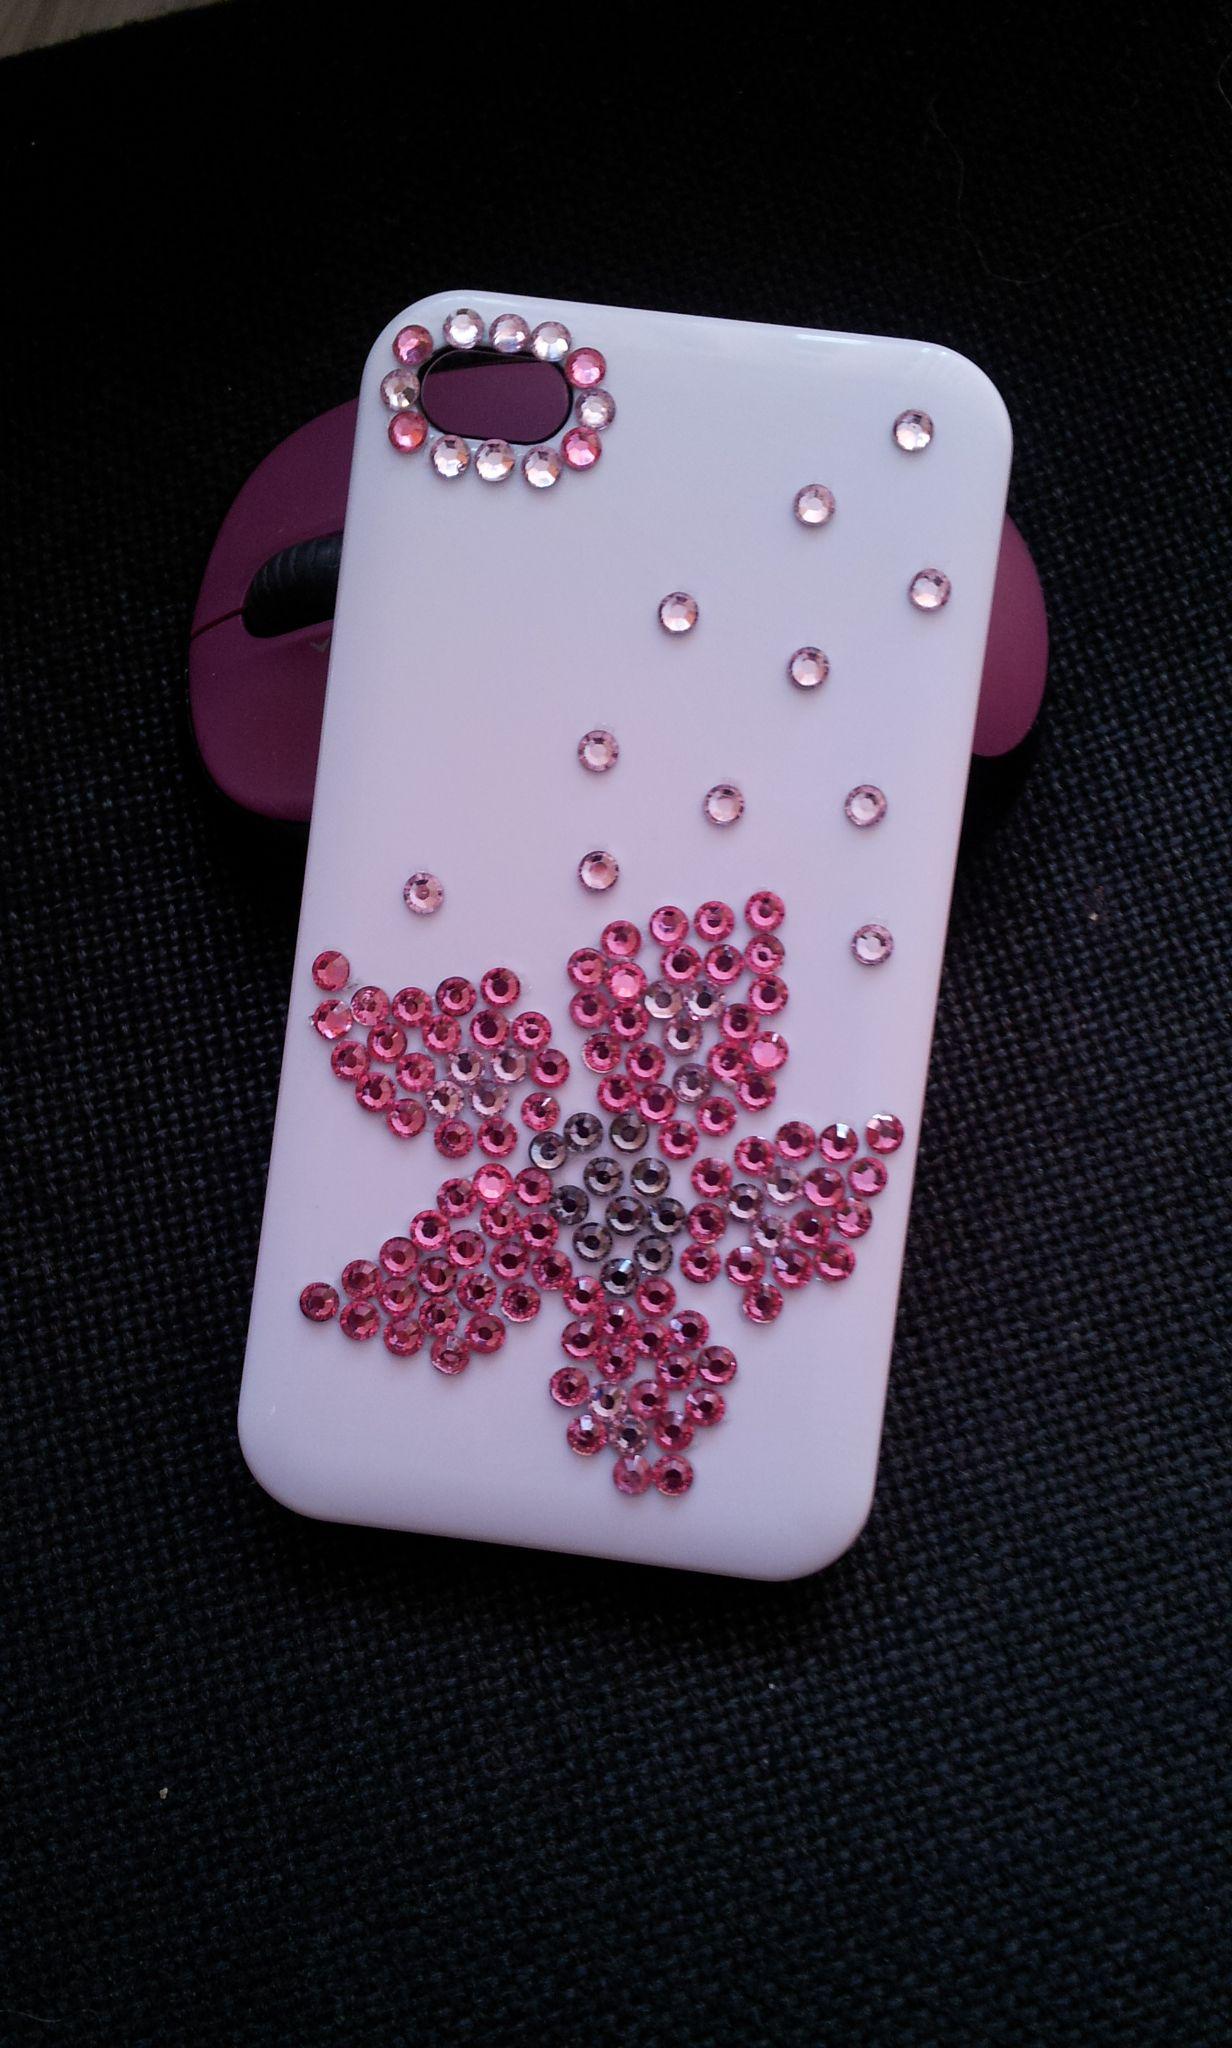 Бял твърд калъф за iPHONE 4 с розови и бели камъни. Модерен и красив той е един идеален аксесоар за вашия телефон.